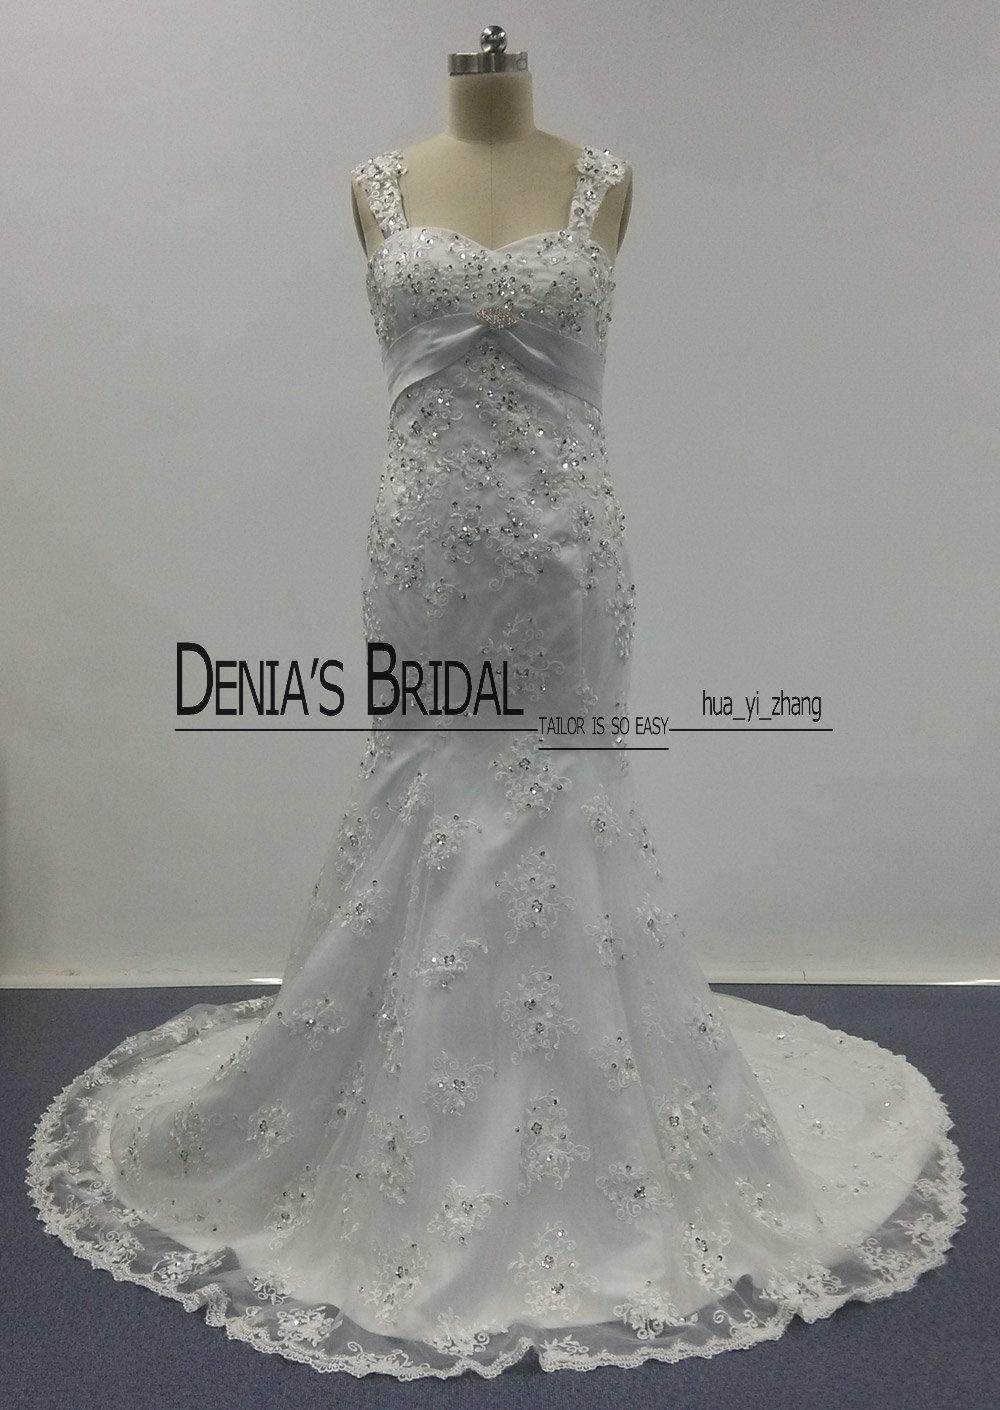 2016 полный кружева свадебные платья дешевые Русалка милая декольте со съемными ремнями суд поезд с покрытыми пуговицами и брошью